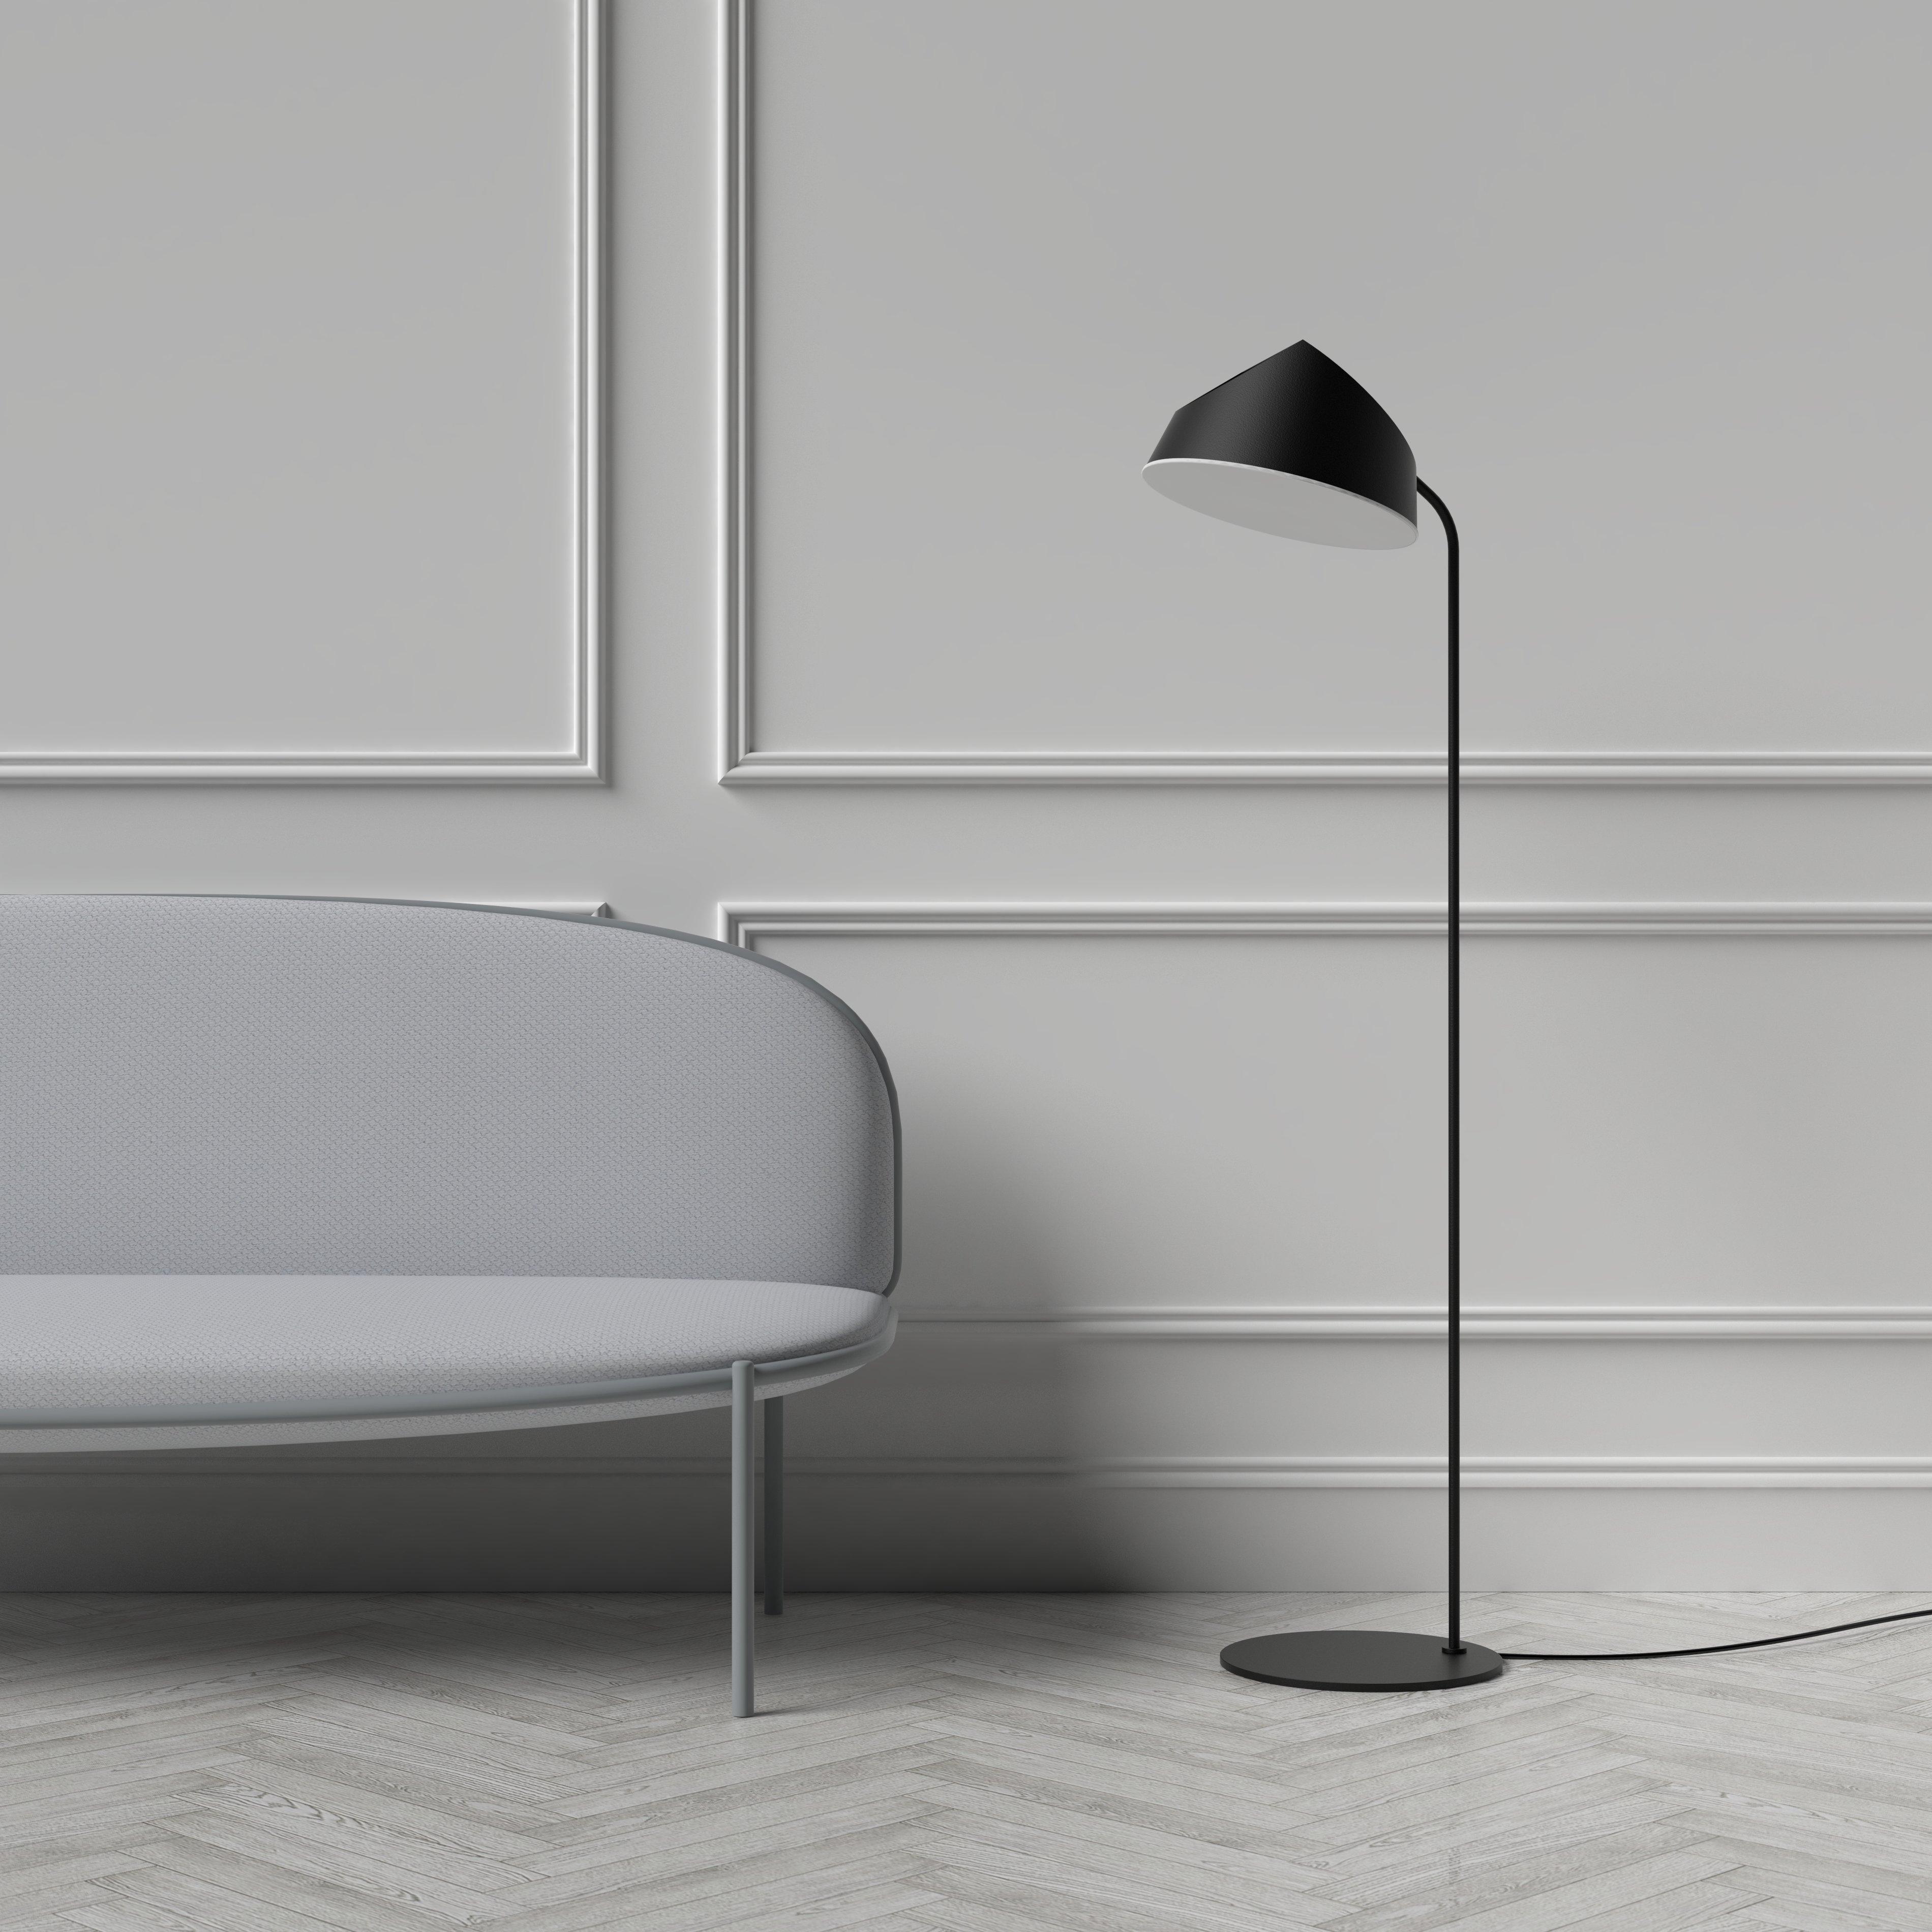 Lampara Diseño suelo minimalista